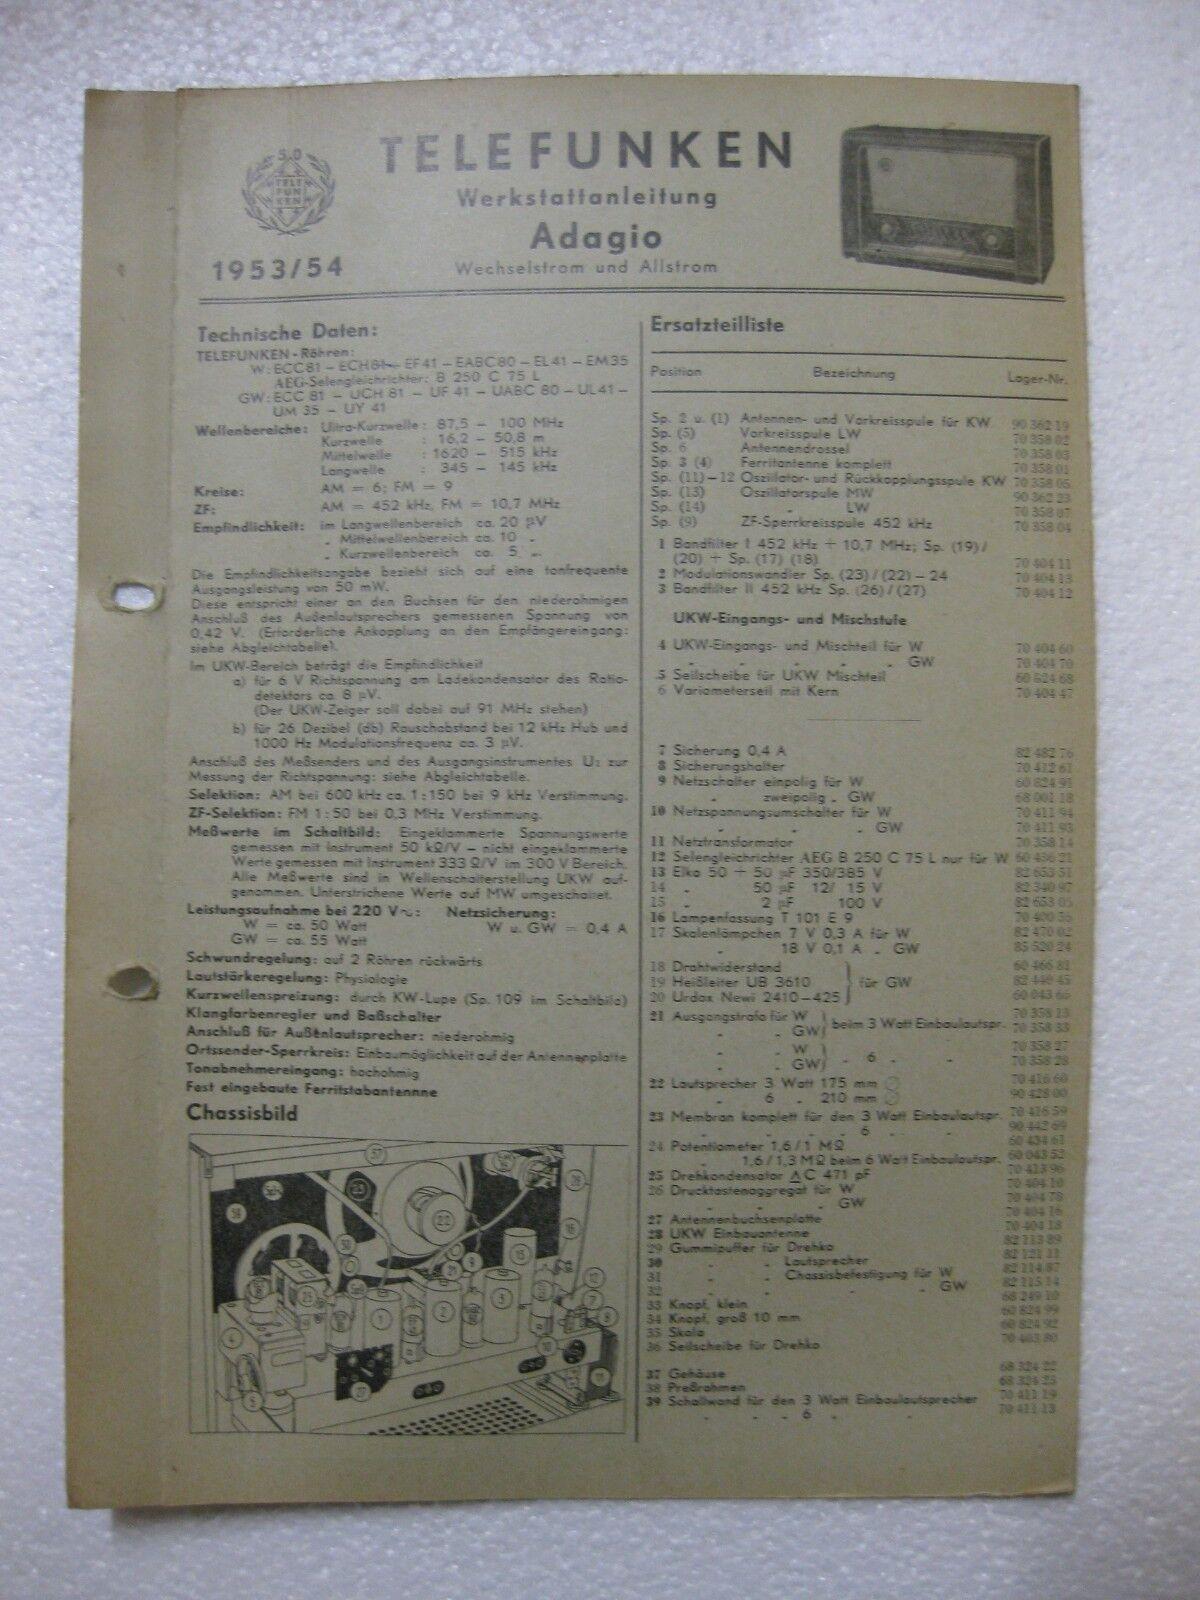 TELEFUNKEN Adagio Werkstattanleitung / Schaltbild Original 1953/54